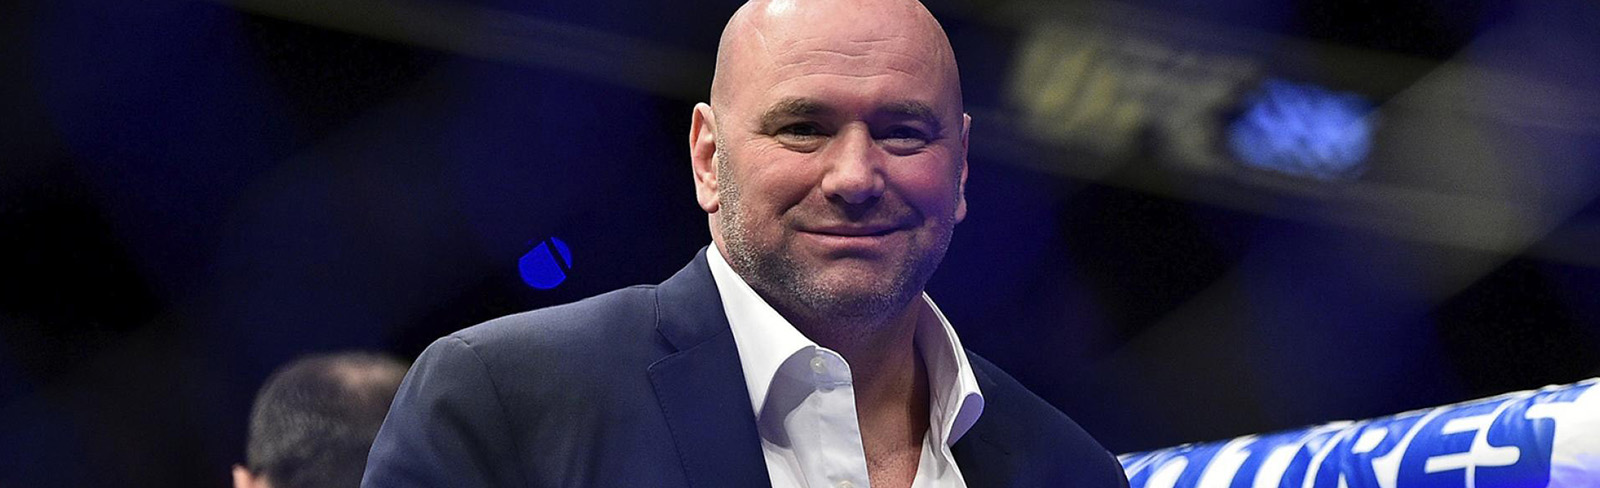 UFC President Dana White to do Coin Toss - Edmonton Eskimos